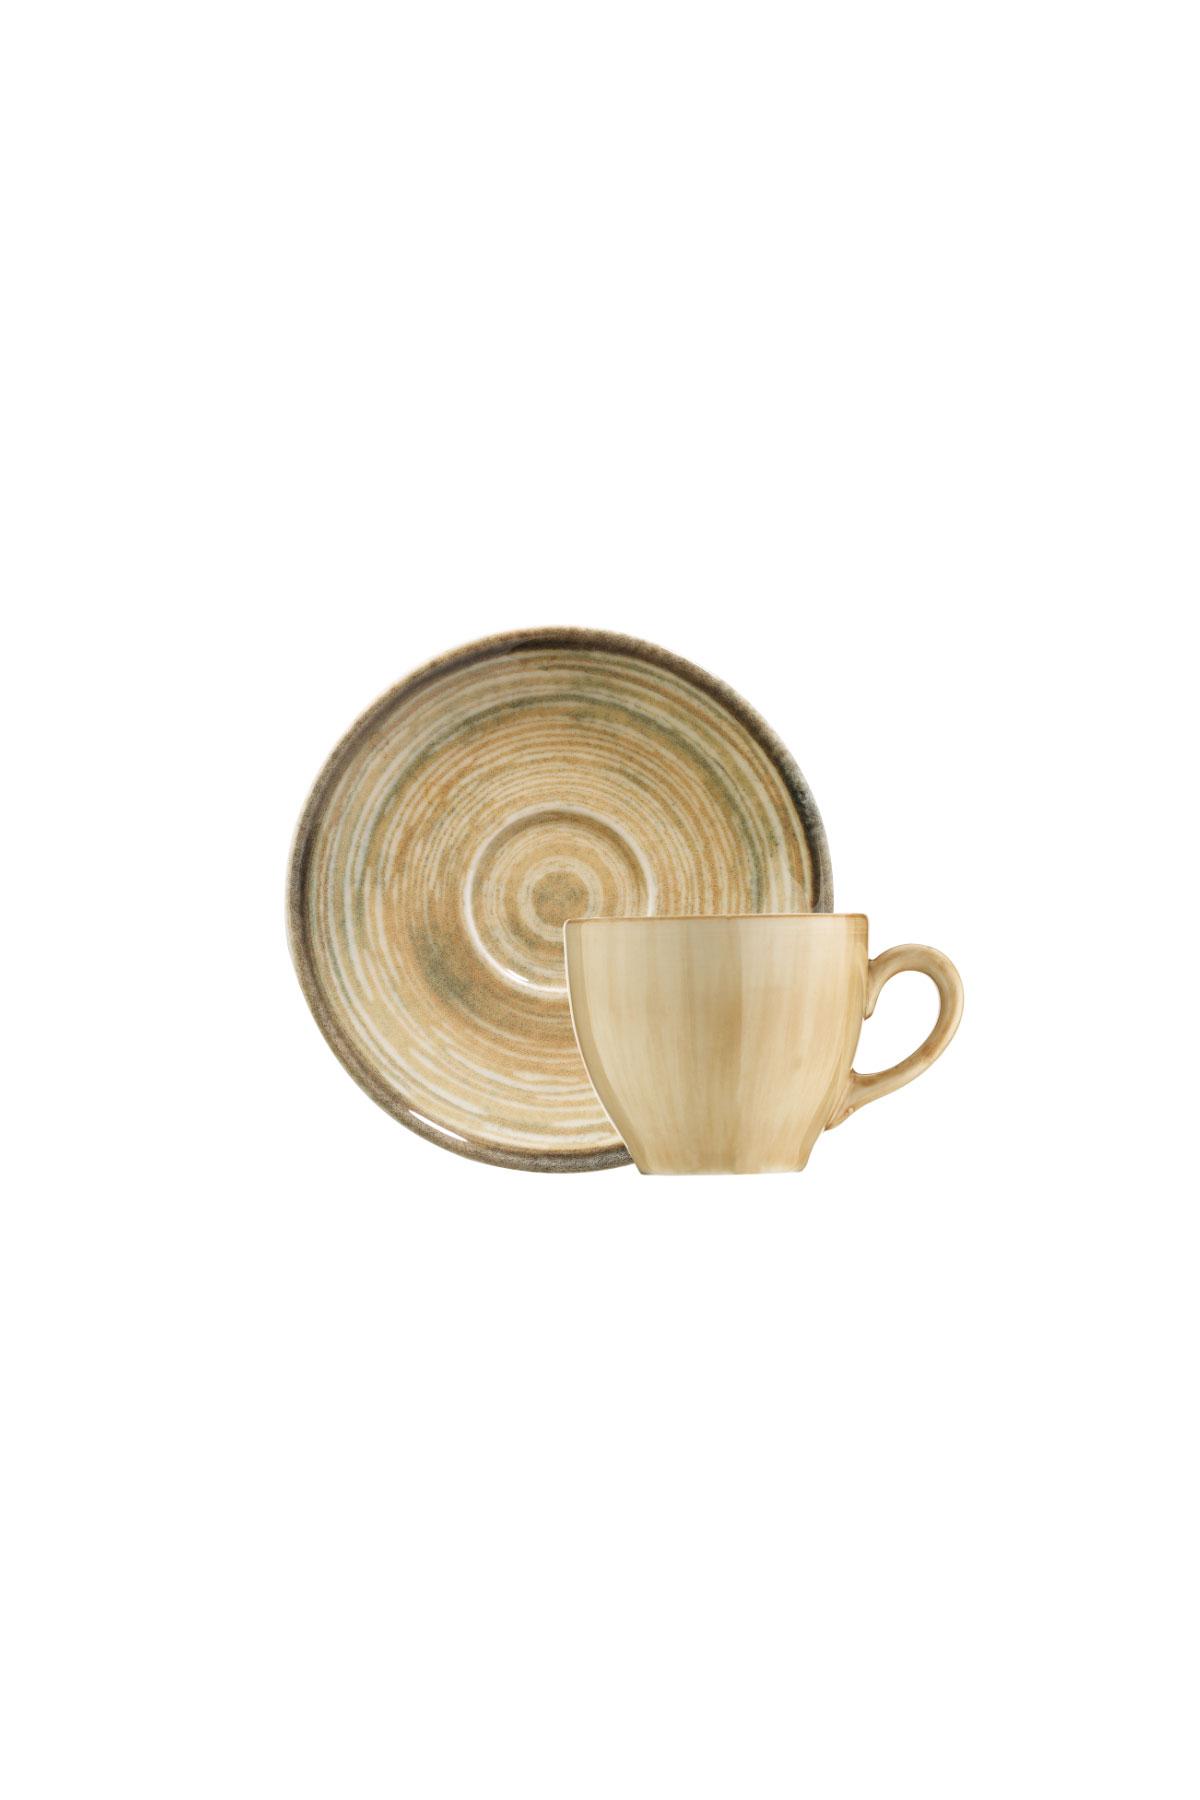 Kütahya Porselen Nanokrem Çay Takımı 891001